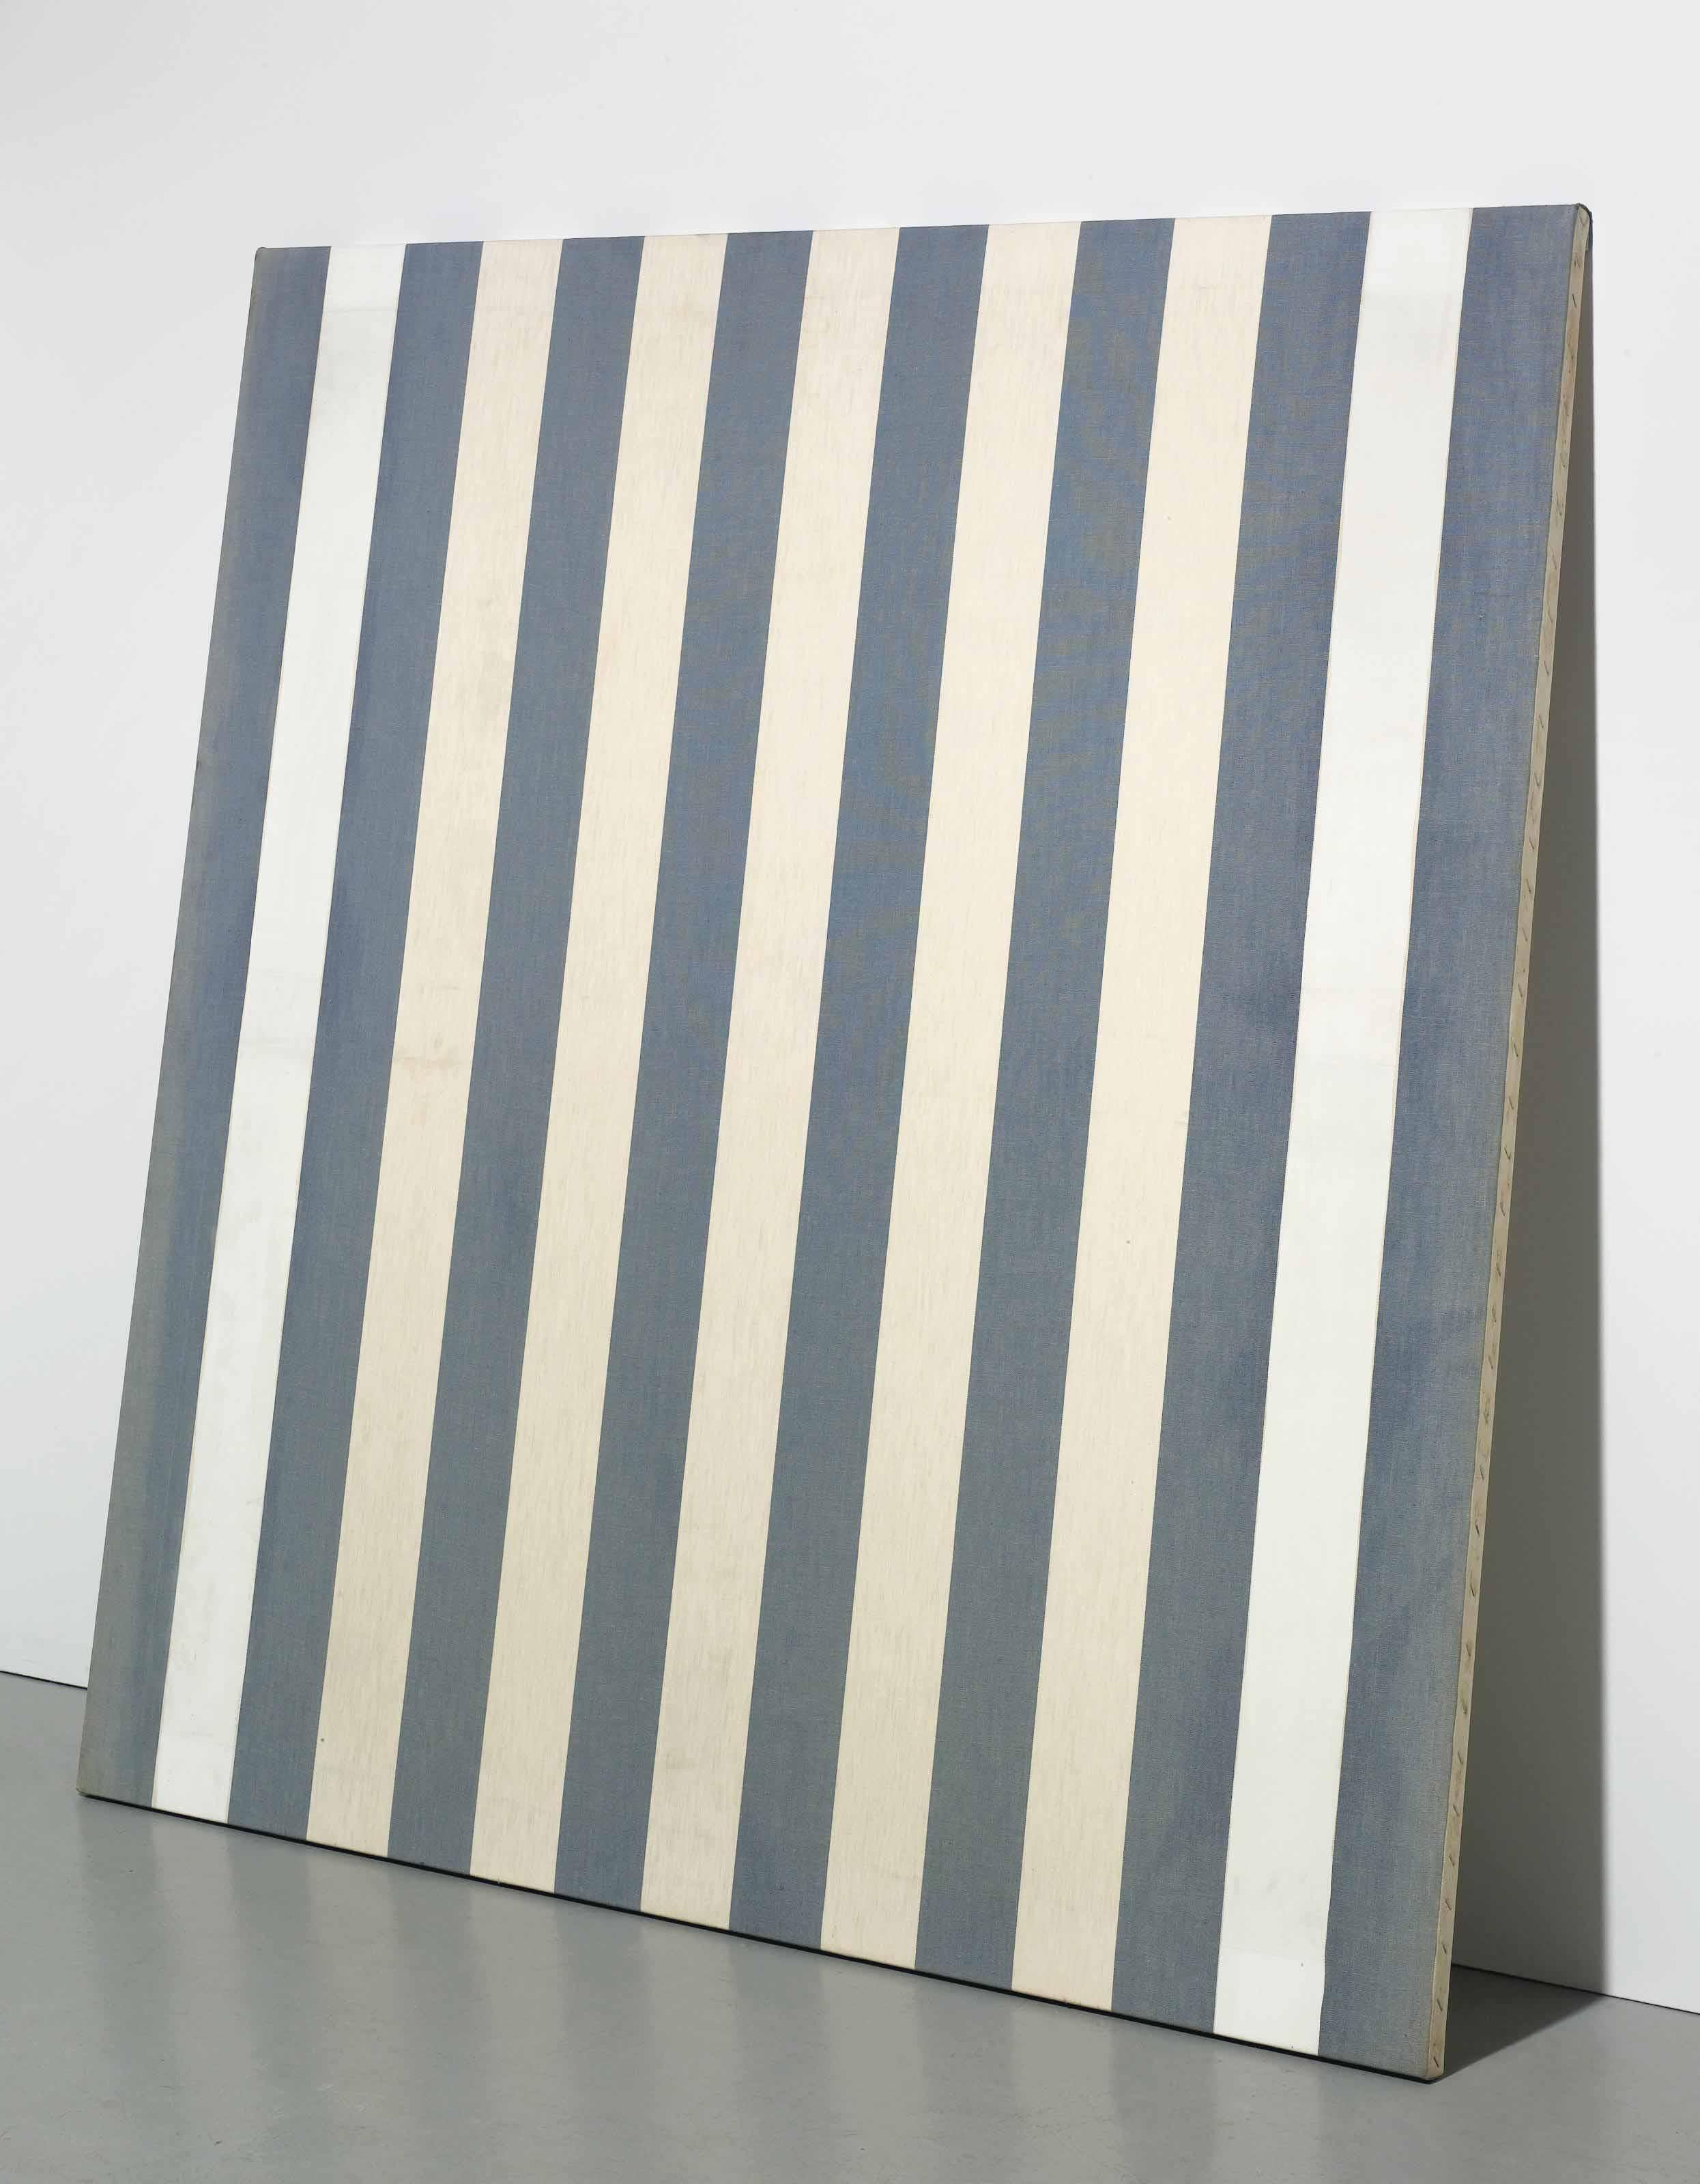 Peinture acrylique blanche sur tissu rayé blanc et bleu